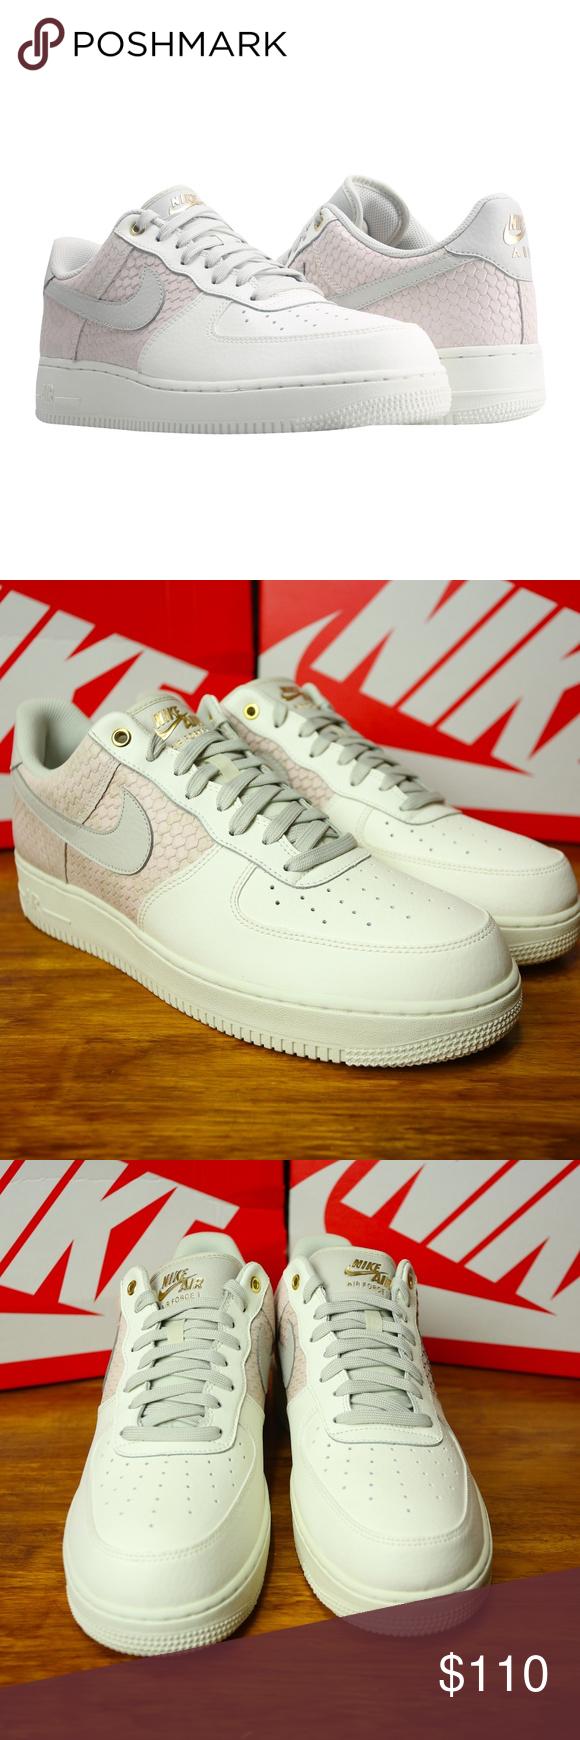 Nike Air Force 1 07 LV8 Sail Gold 823511 100